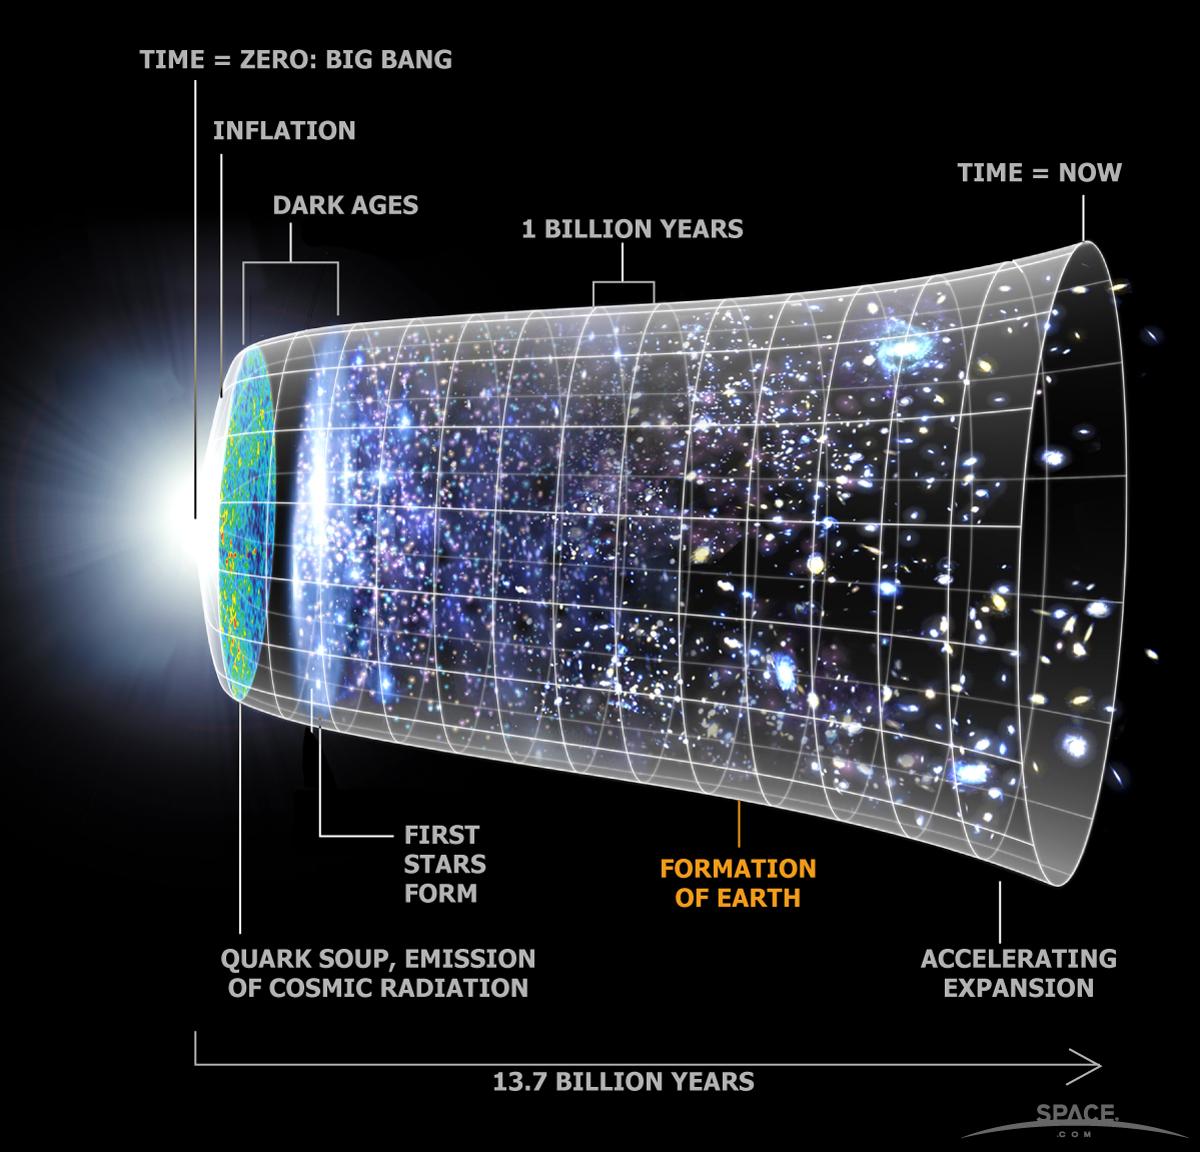 Les mensurations de l'Univers, des chiffres astronomiques